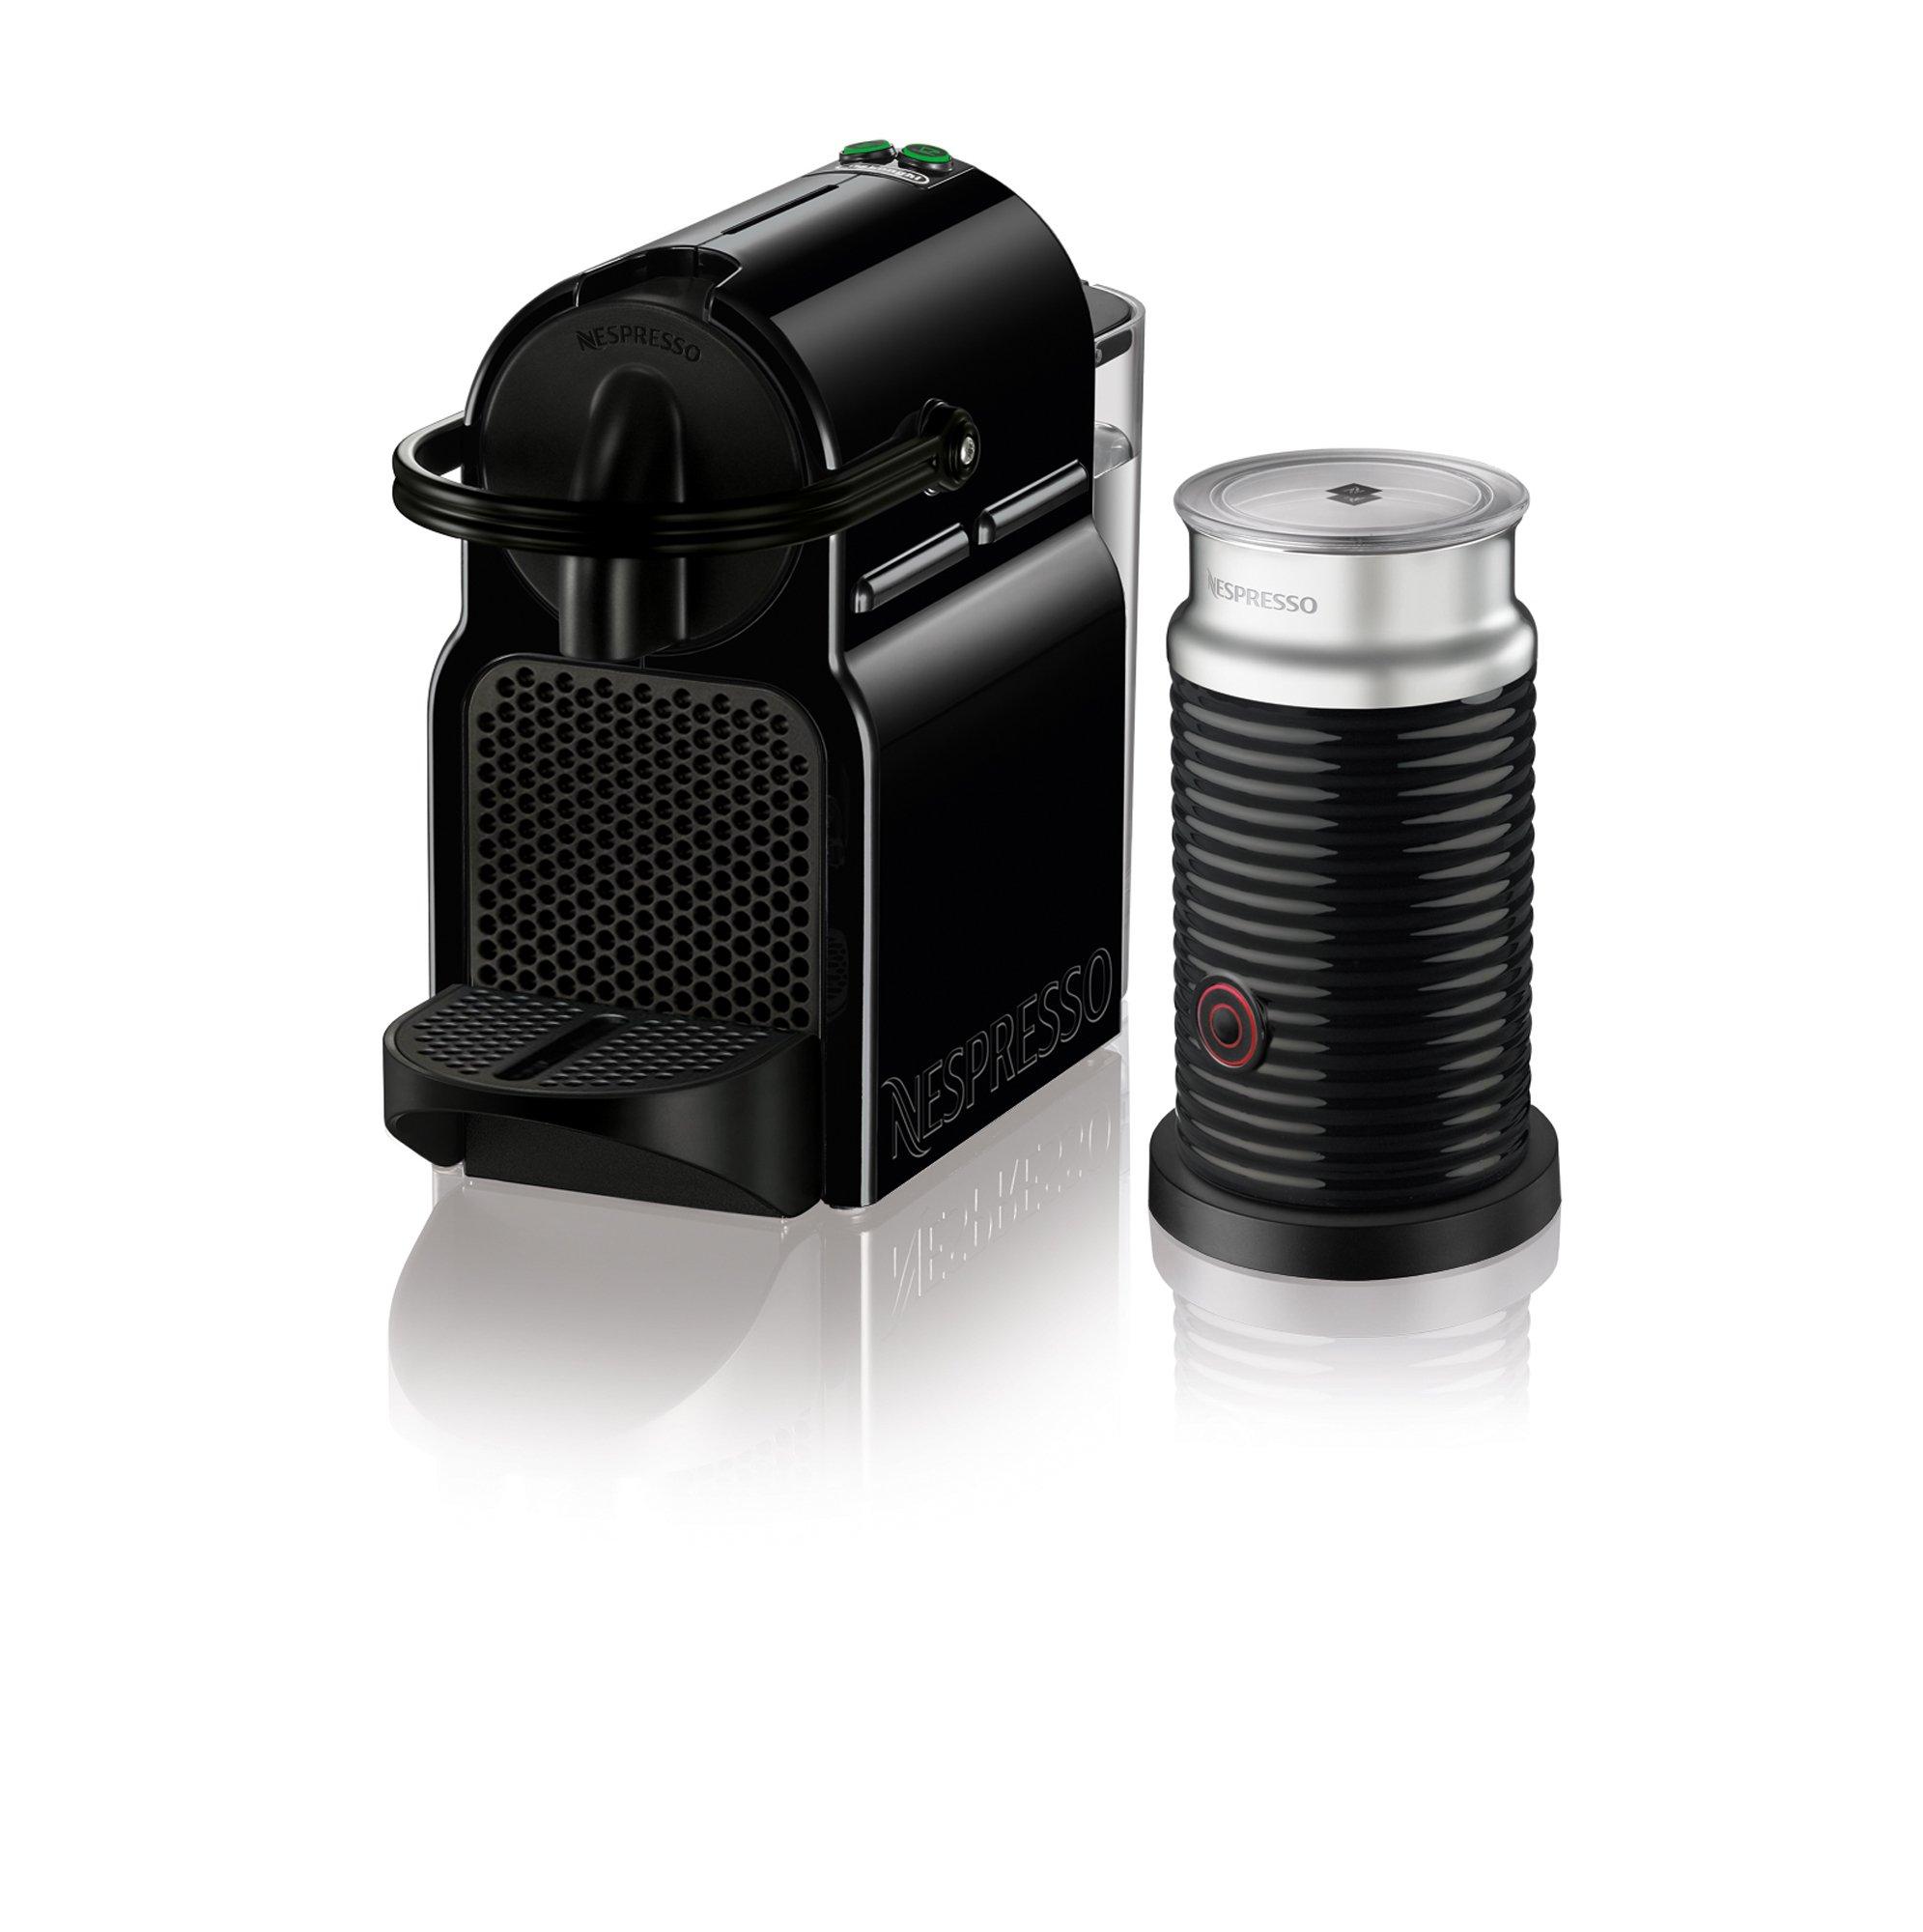 Nespresso Inissia Espresso Machine by De'Longhi with Aeroccino, Black